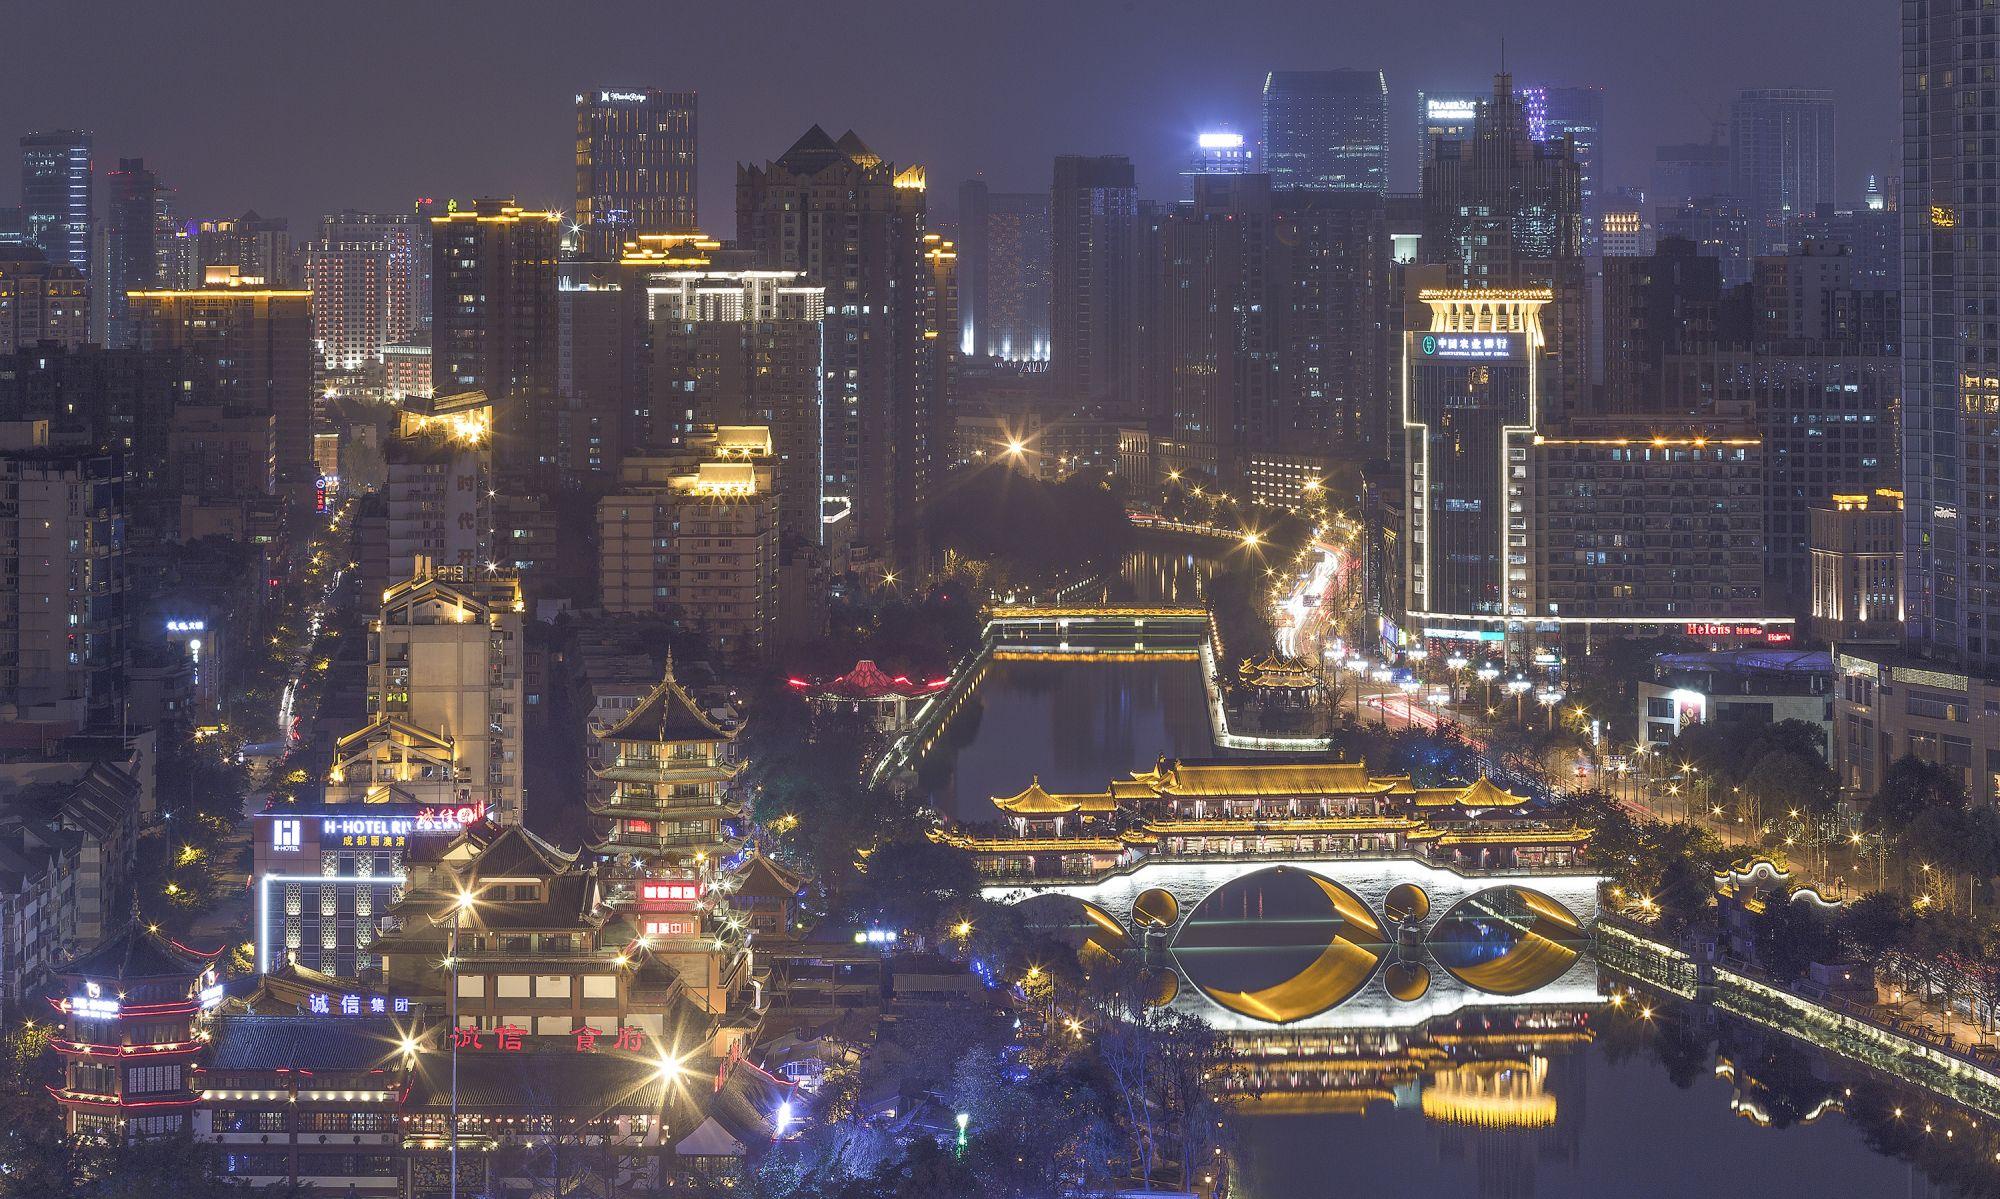 成都城市夜景图片(蒋坤鹏摄) (3)